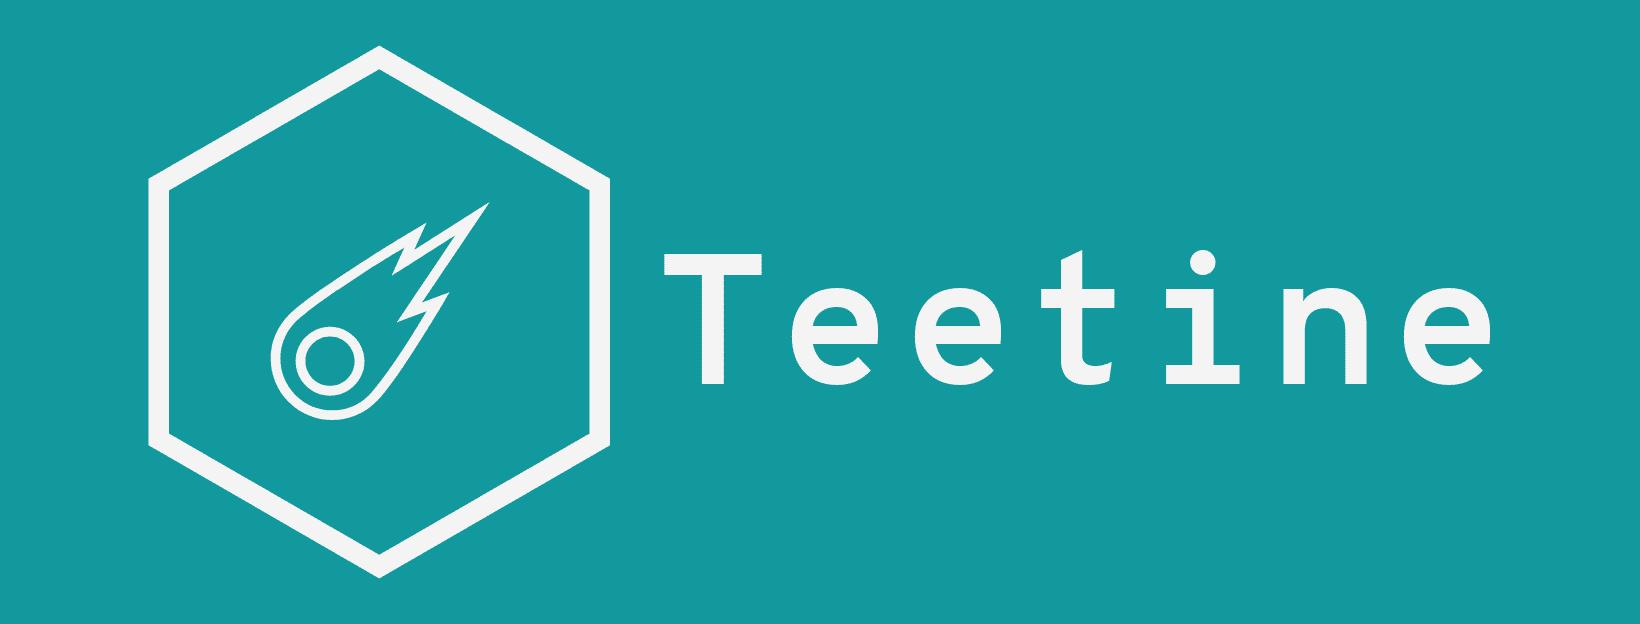 Teetine Store